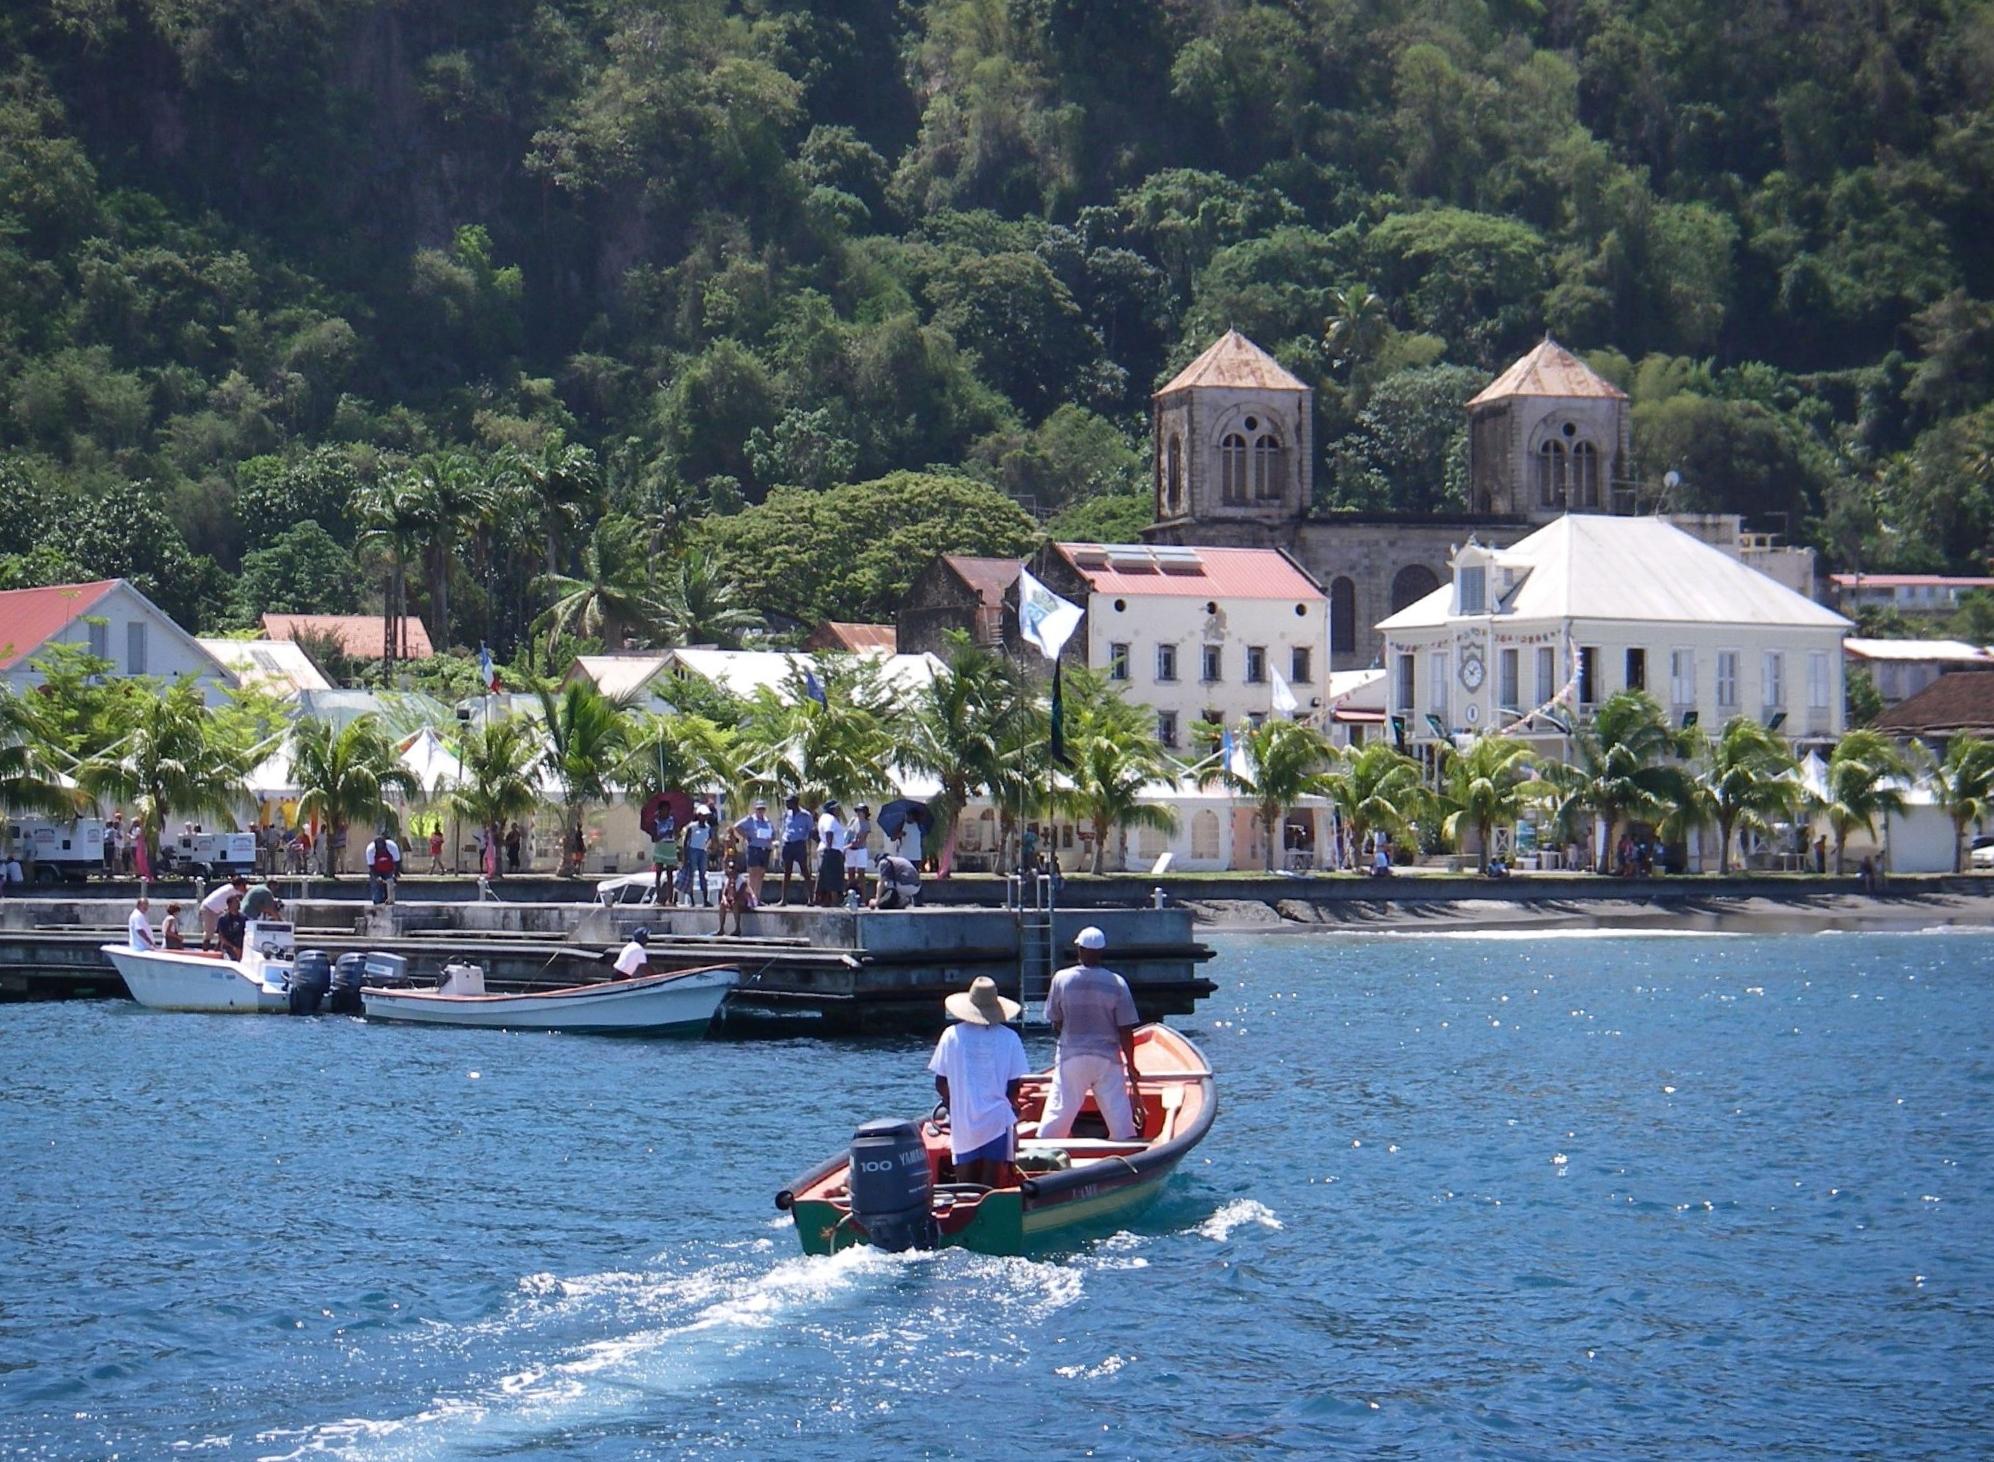 De danske rejsevejledninger tillader nu turistrejser til de to franske besiddelser Guadeloupe og Martinique. Men hvor længe smittetallene forbliver lave nok, vides selvfølgelig ikke. Her er det fra byen Saint-Pierre på Martinique, Wikipediafoto: Jean & Nathalie.